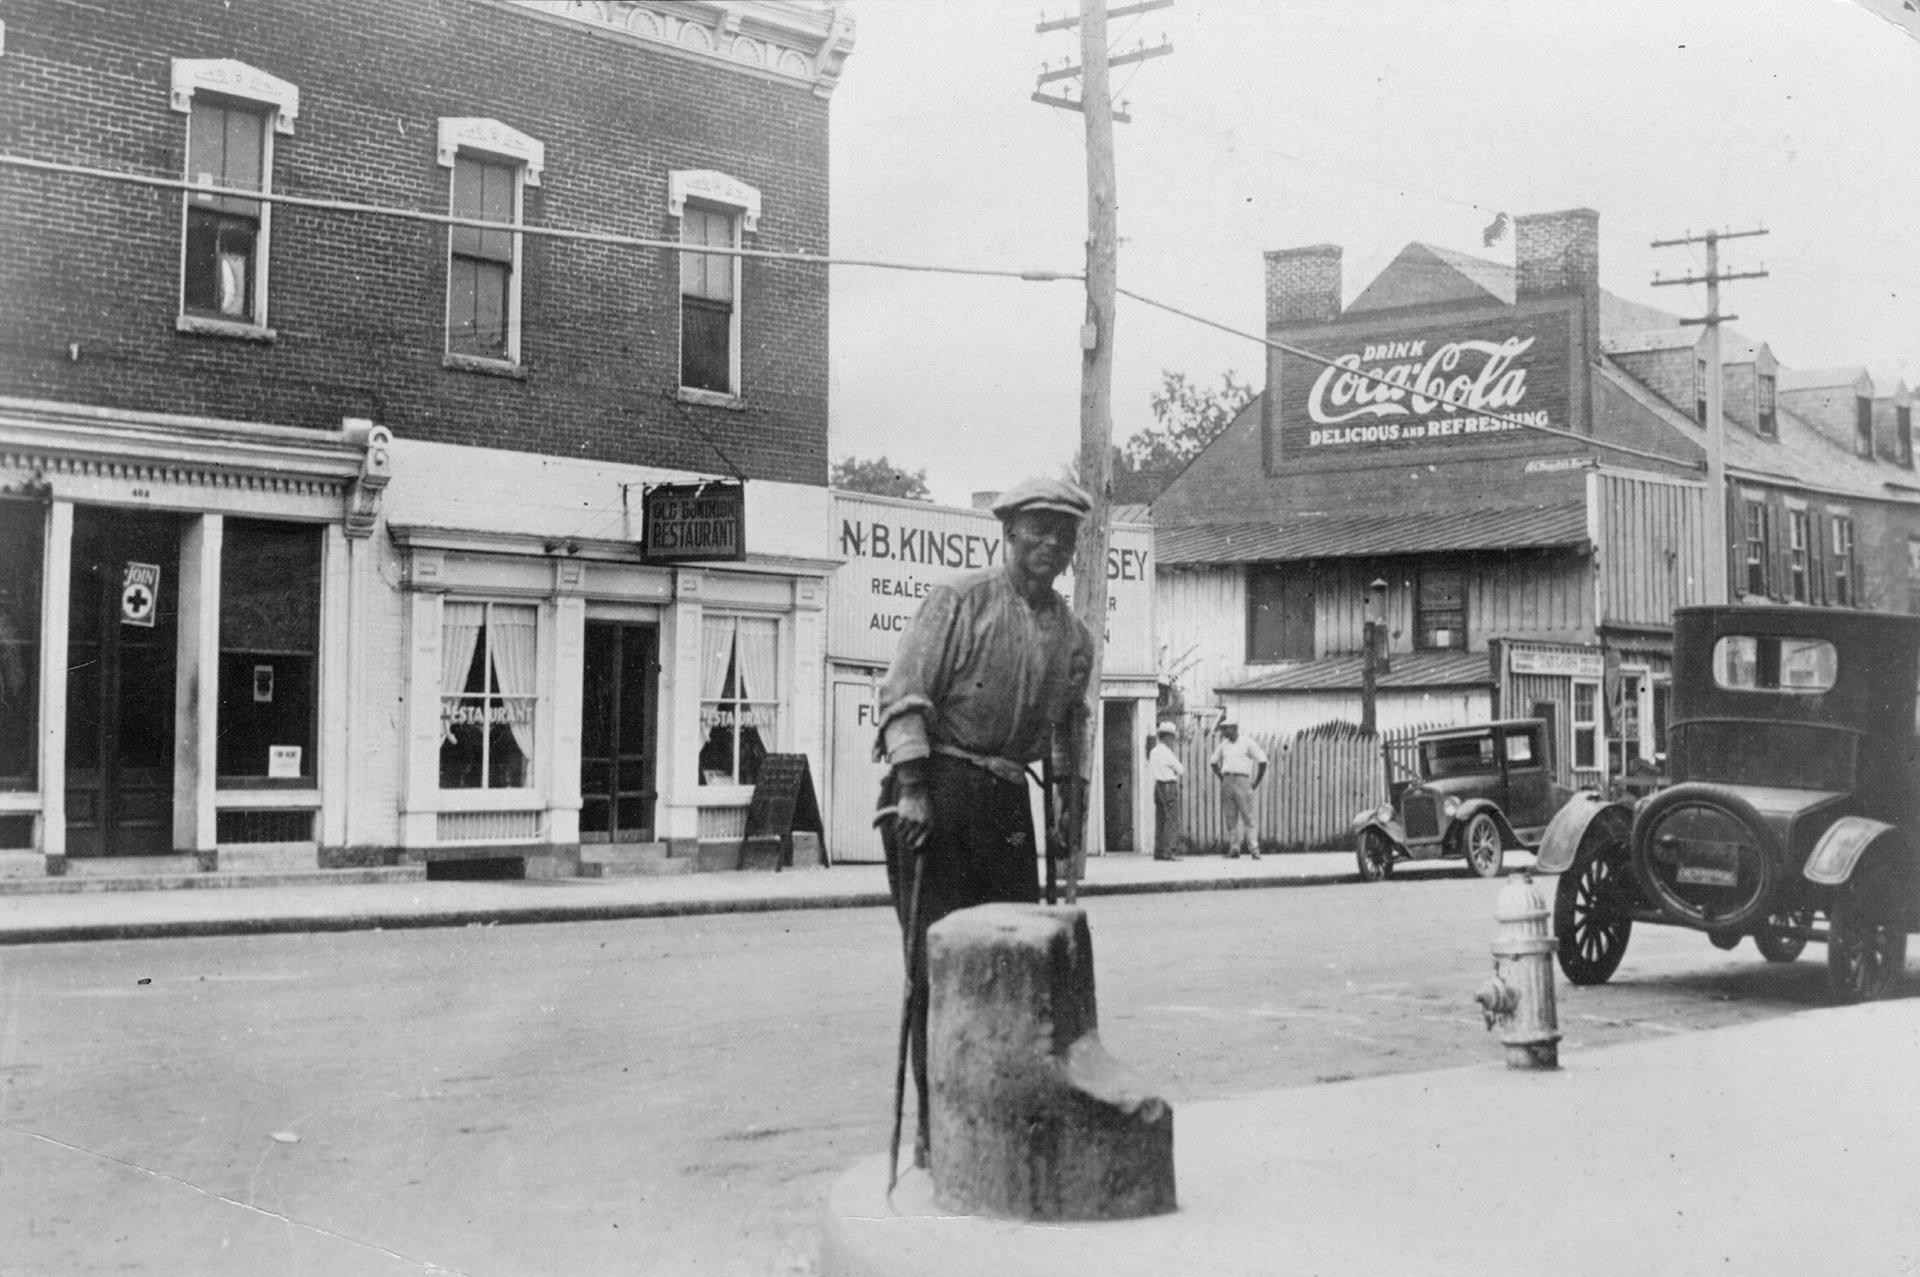 Diese Aufnahme aus dem Jahr 1930 - lange nach der formellen Abschaffung der Sklaverei - zeigt einen ehemaligen Sklaven, der an einem Pfosten angekettet auf einen Job wartet